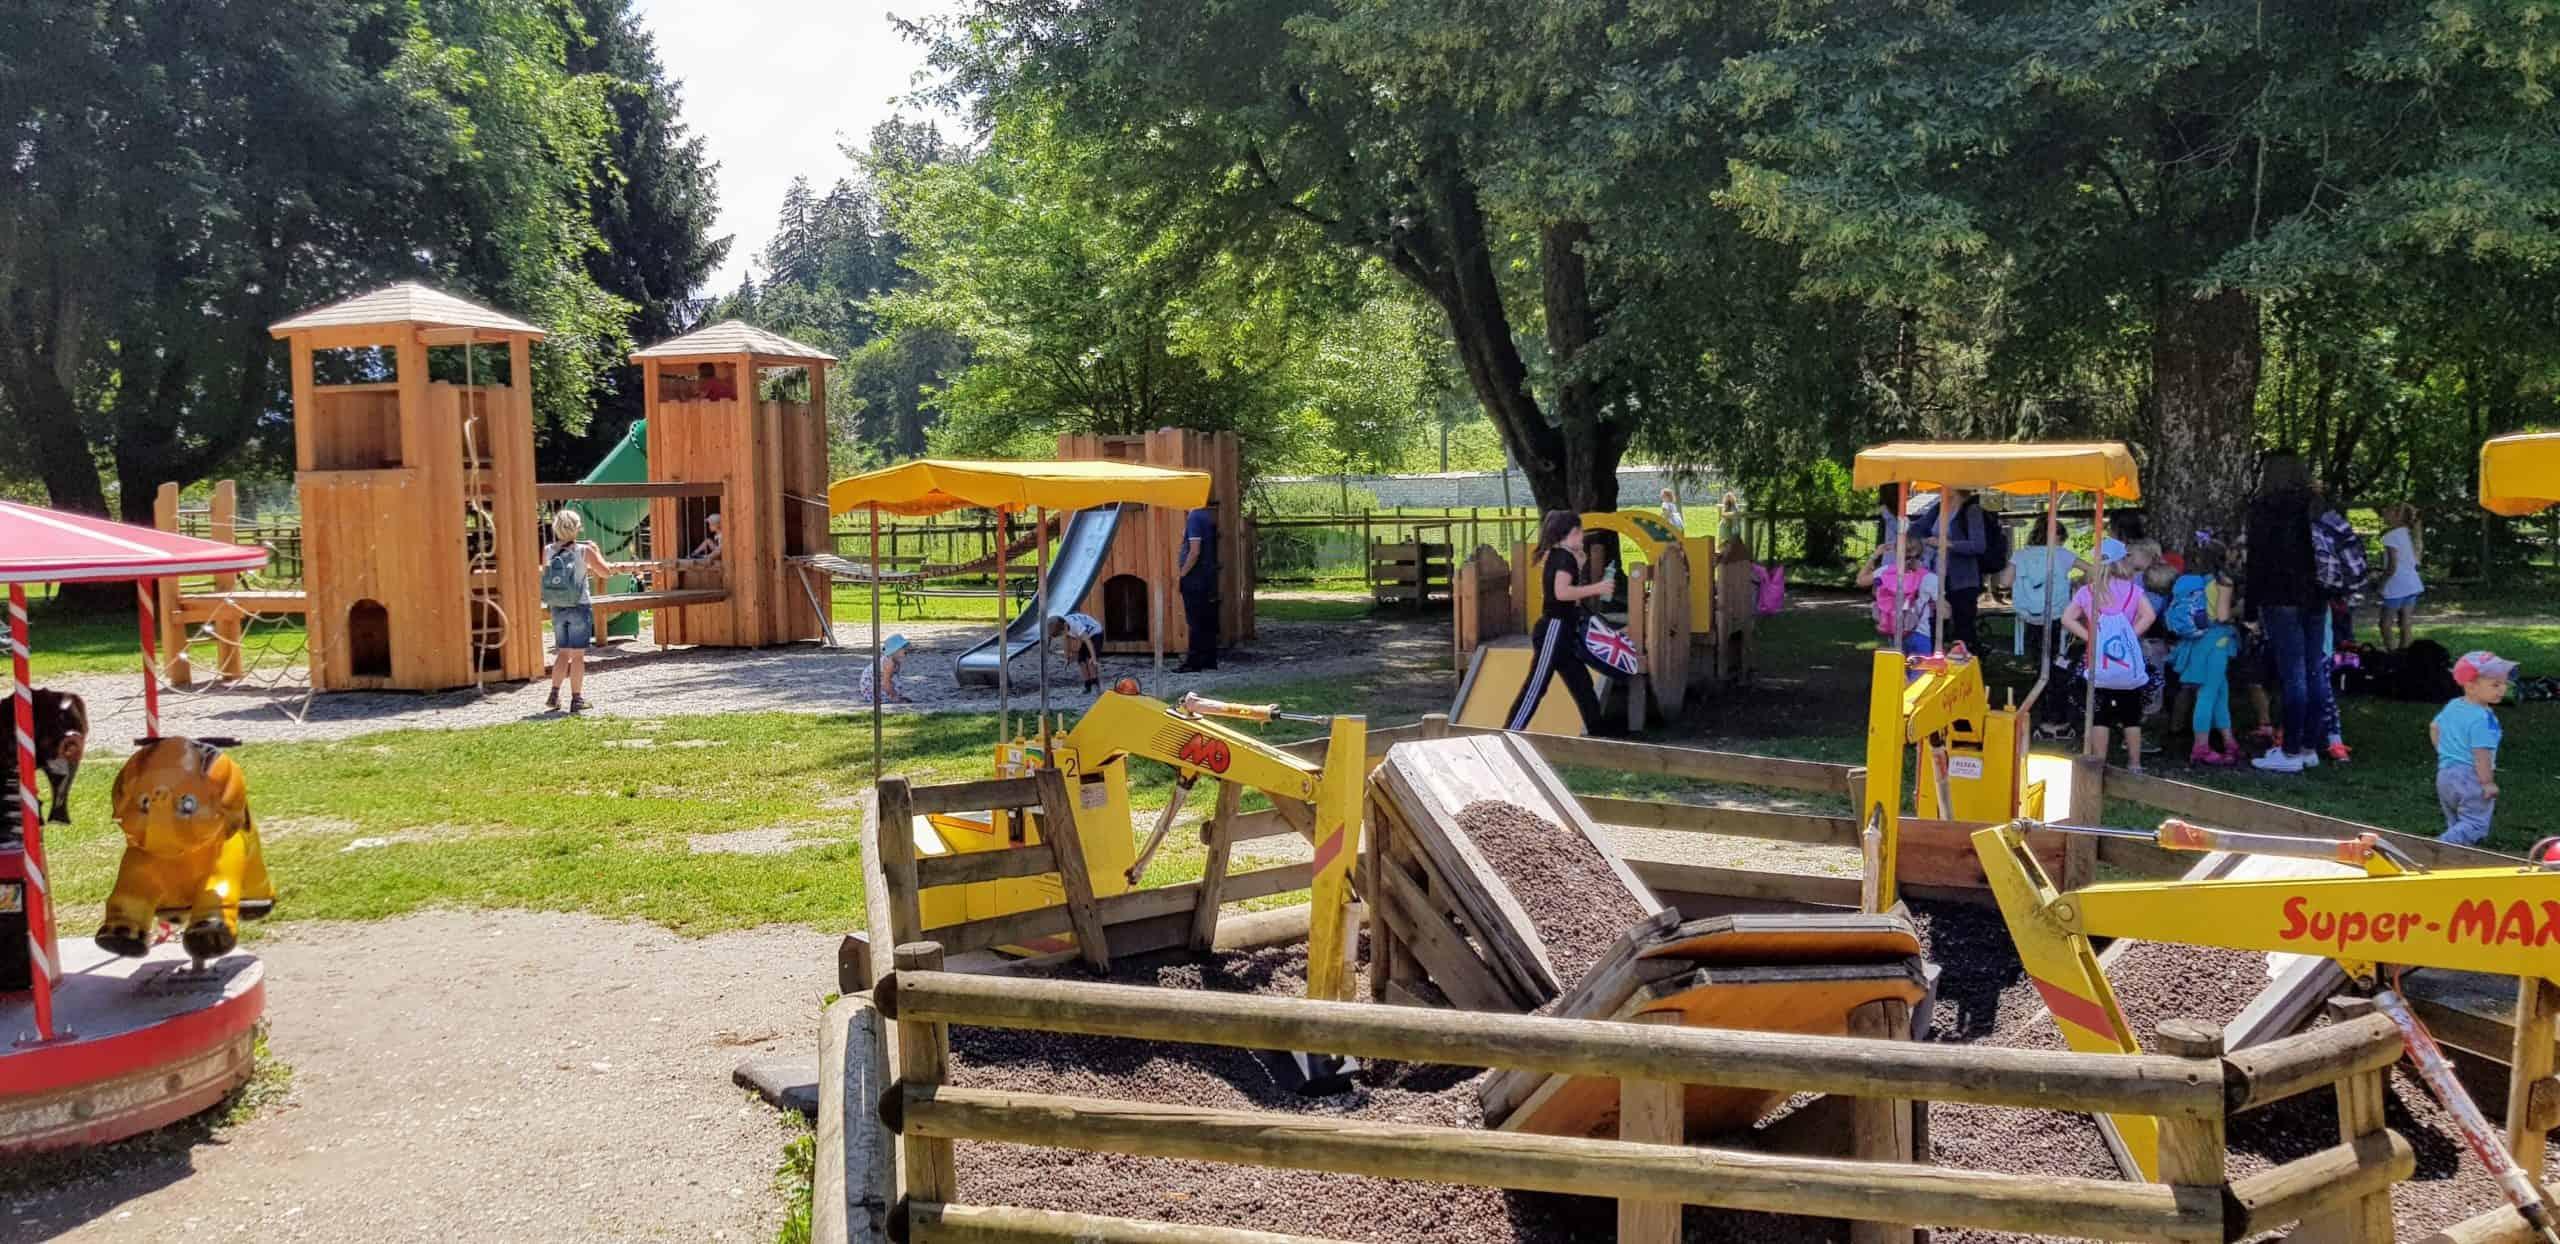 Kinderspielplatz mit Kindern im Tierpark